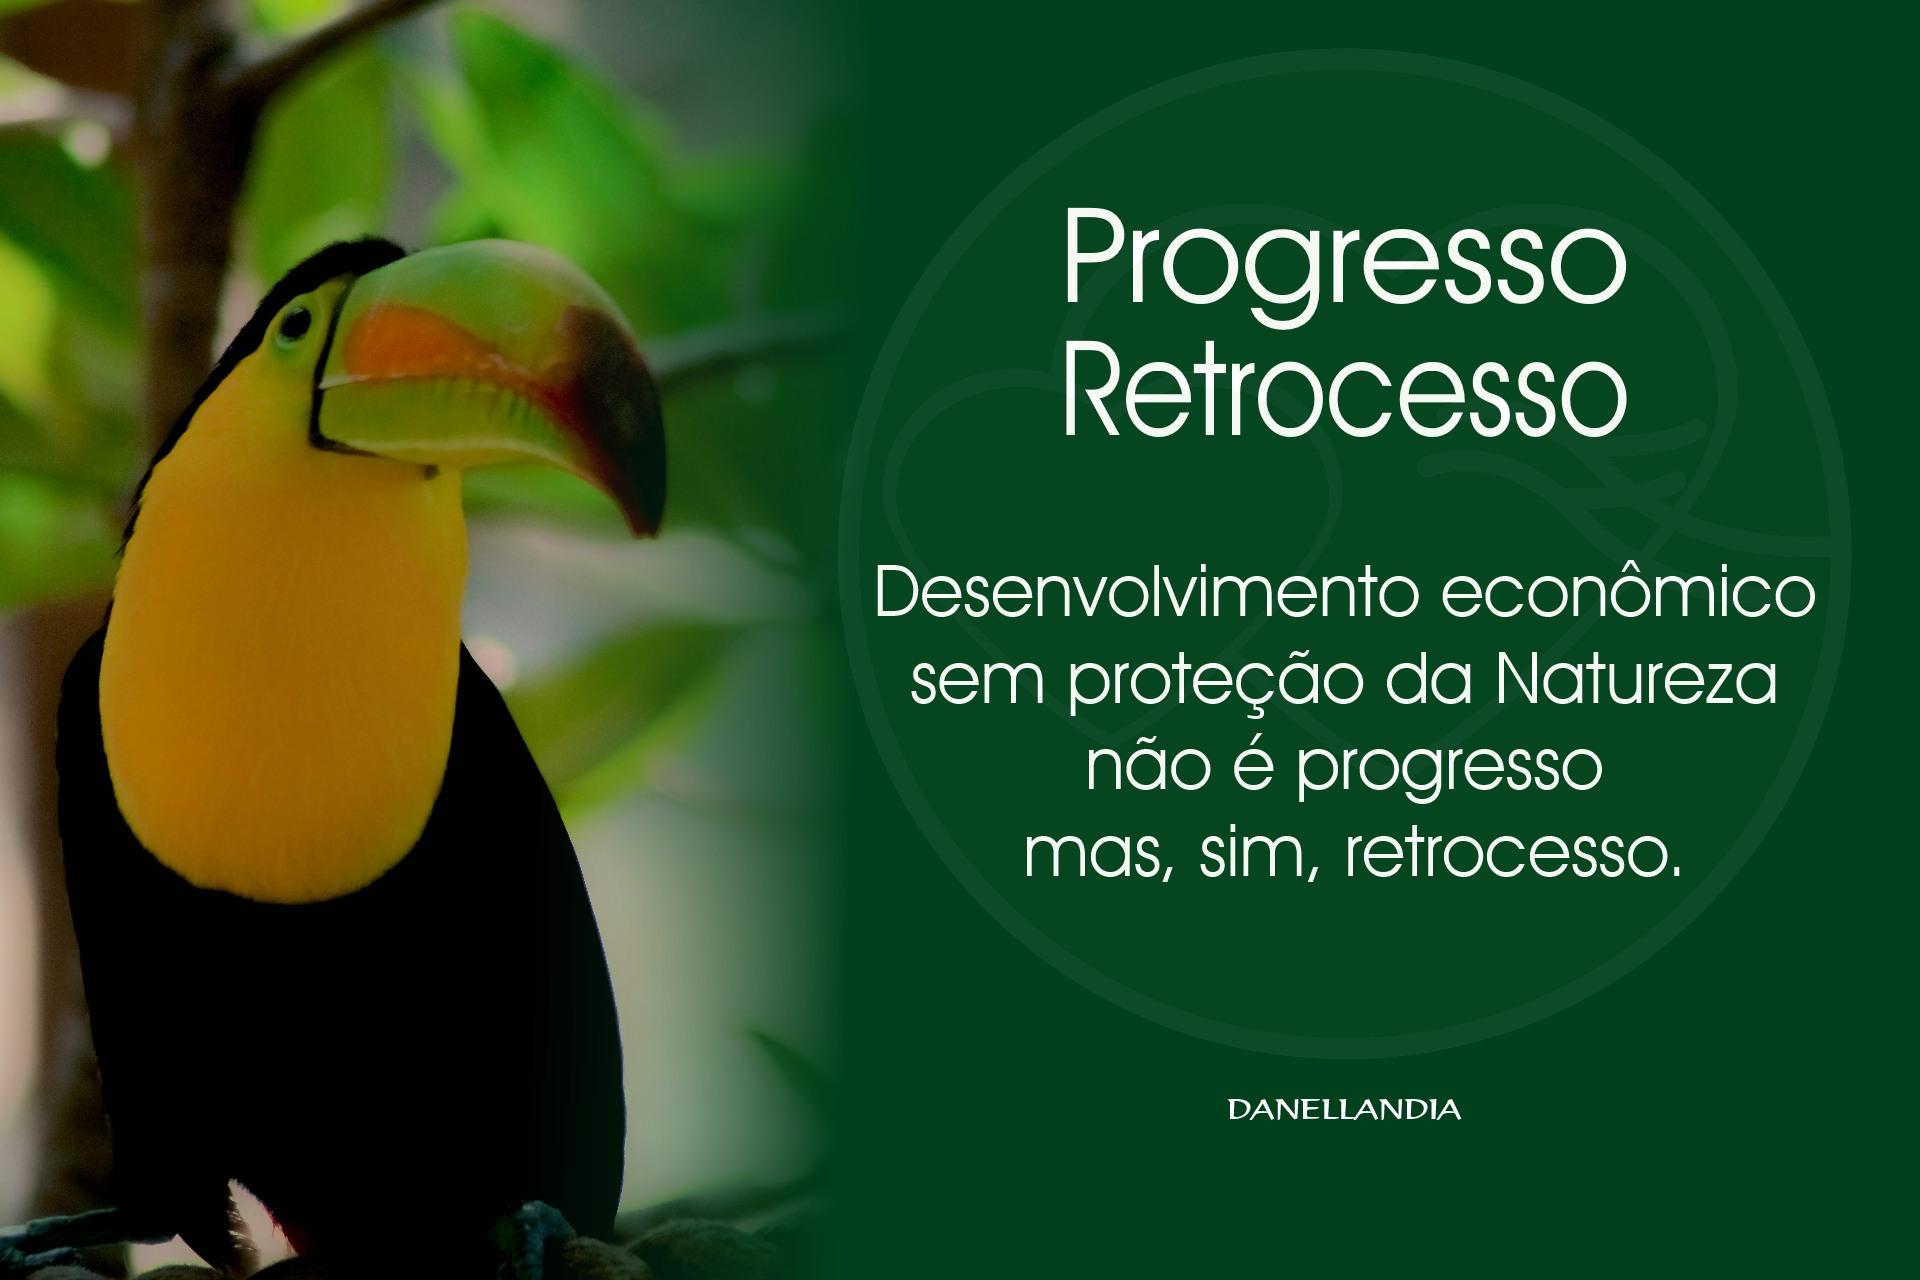 Progresso - retrocesso